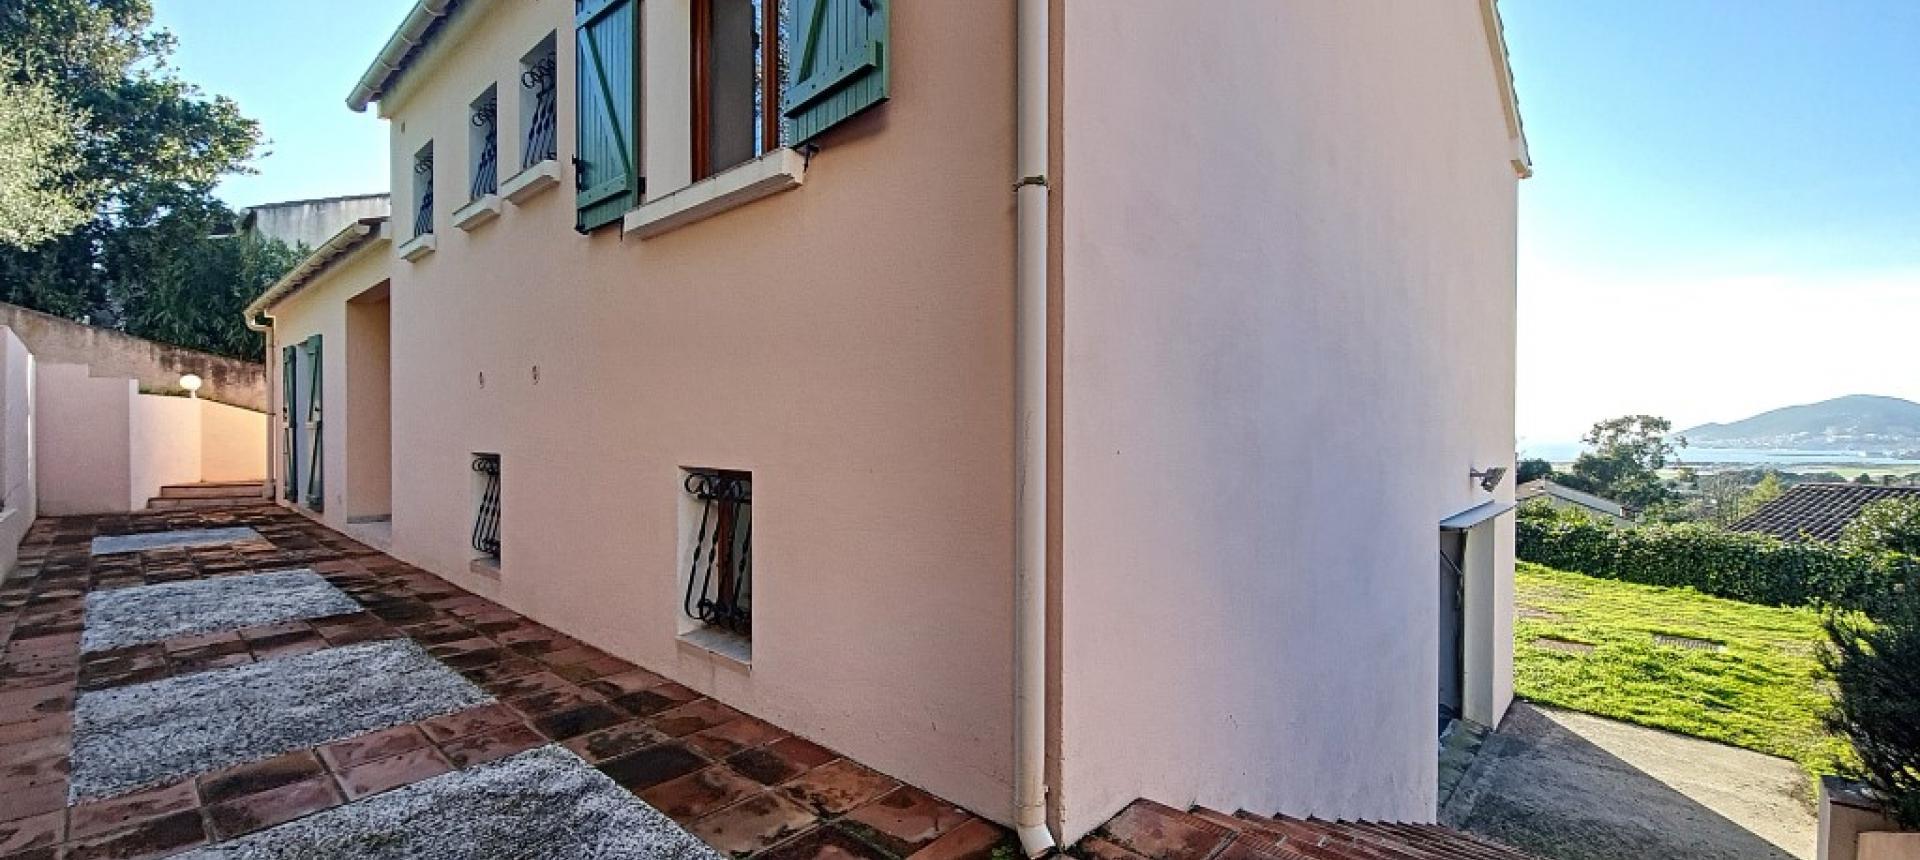 Villa F4 à louer avec jardin et terrasse à Bastelicaccia  terrasse nord